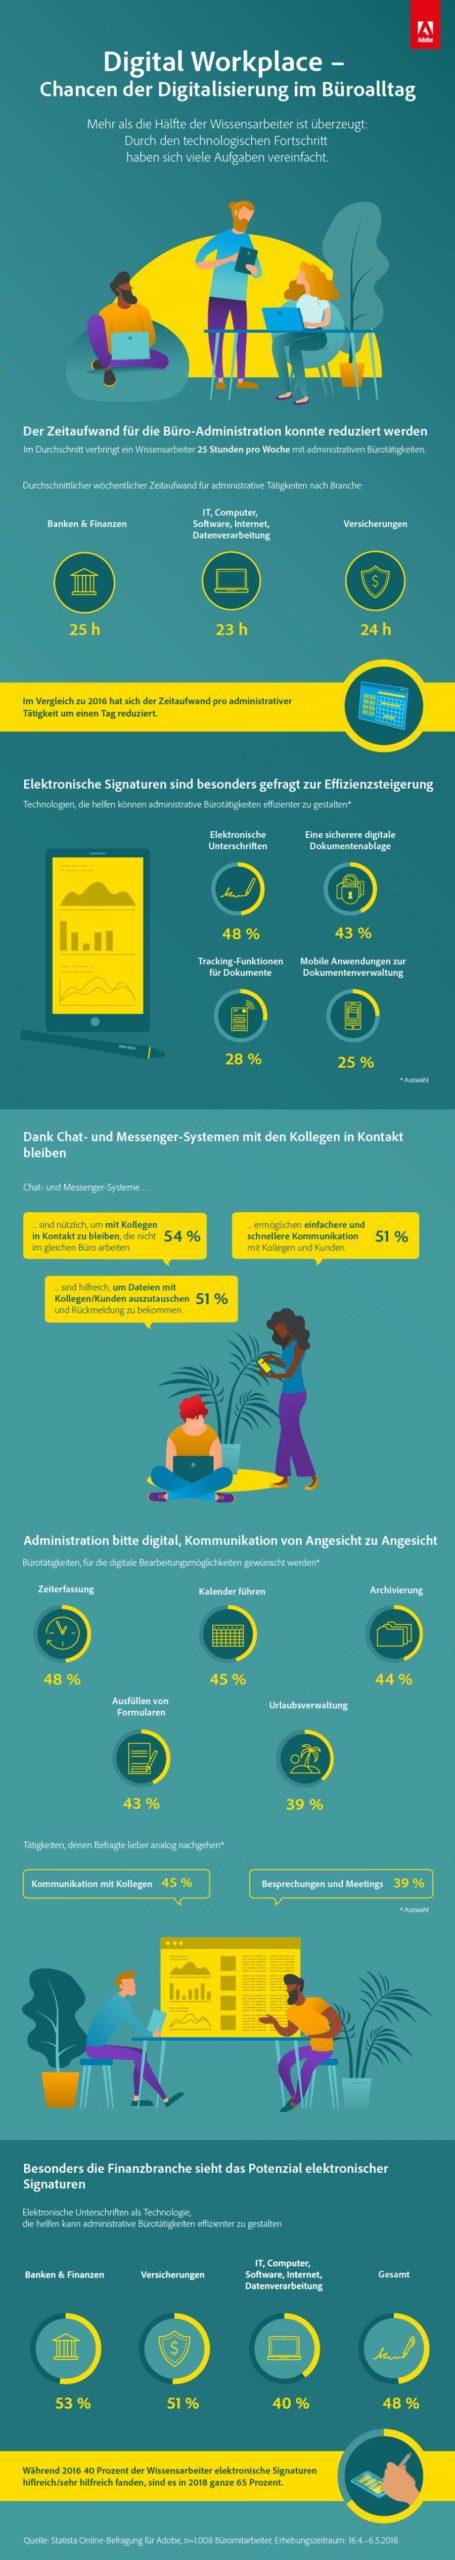 Infografik zum Thema Digital Workplace – wie Technologie unseren Arbeitsplatz verändert